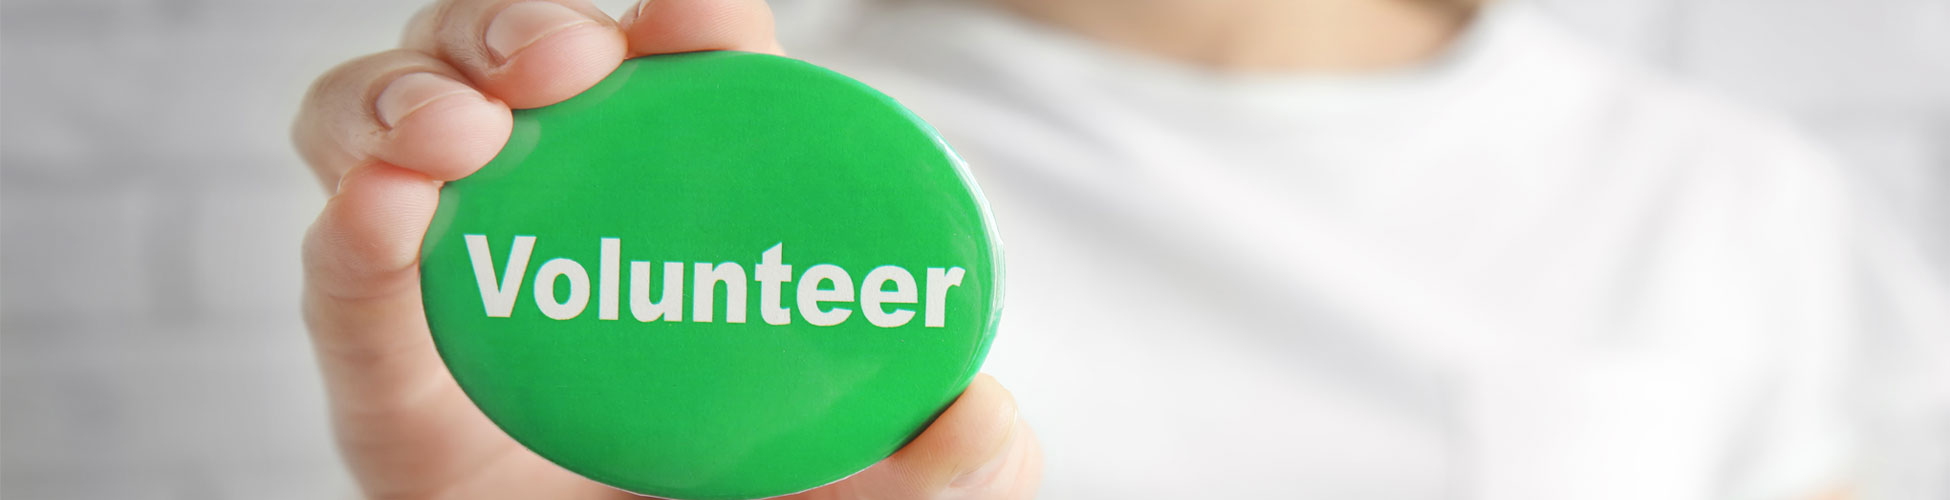 Emergency volunteering leave